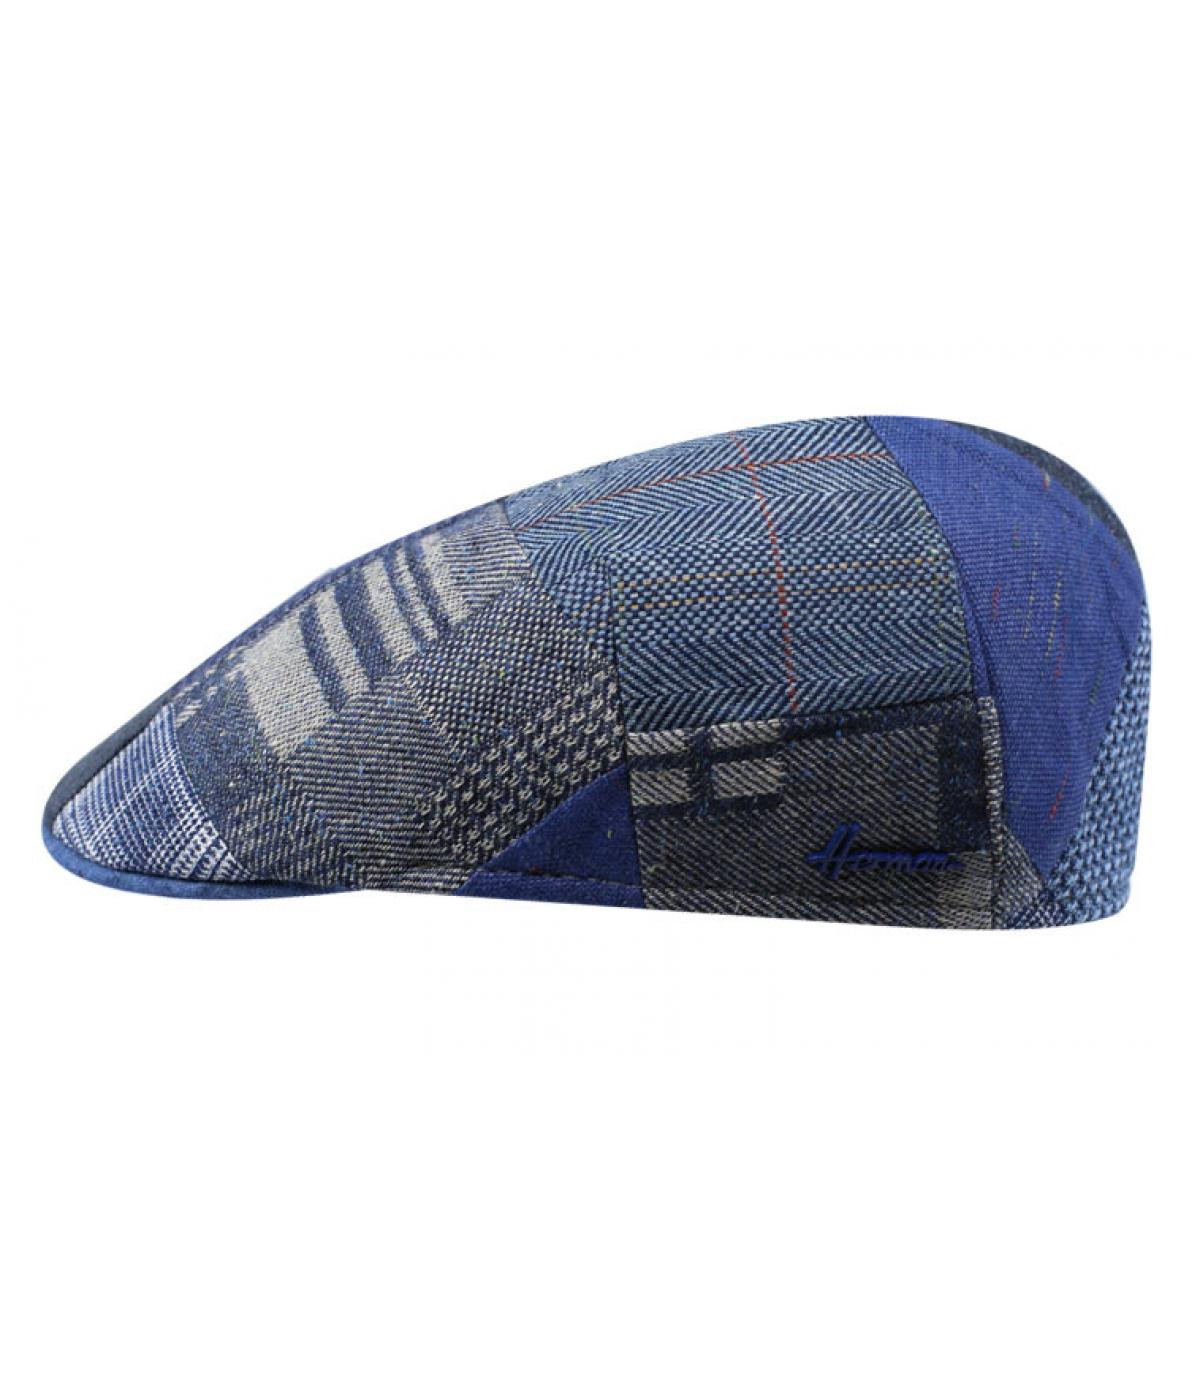 Dettagli Boxer Patch blue - image 2